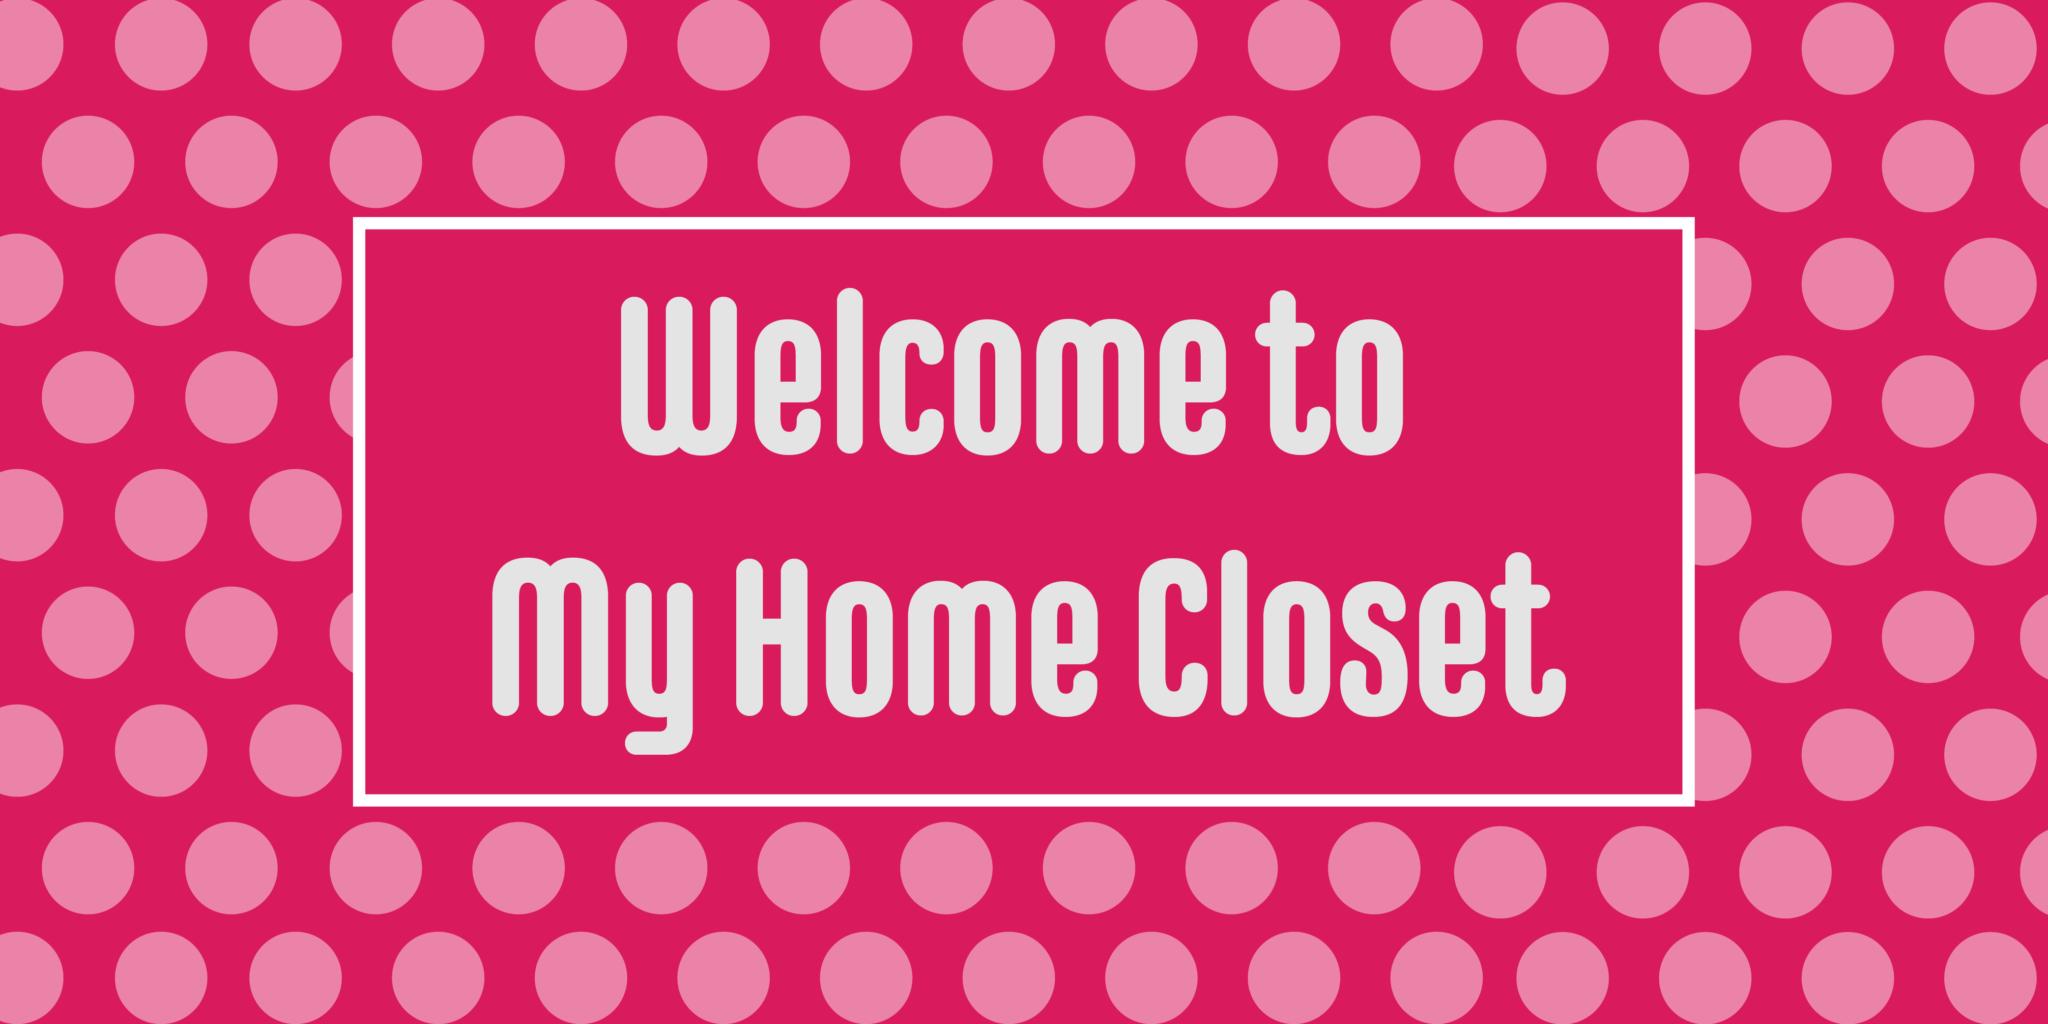 my home closet logo